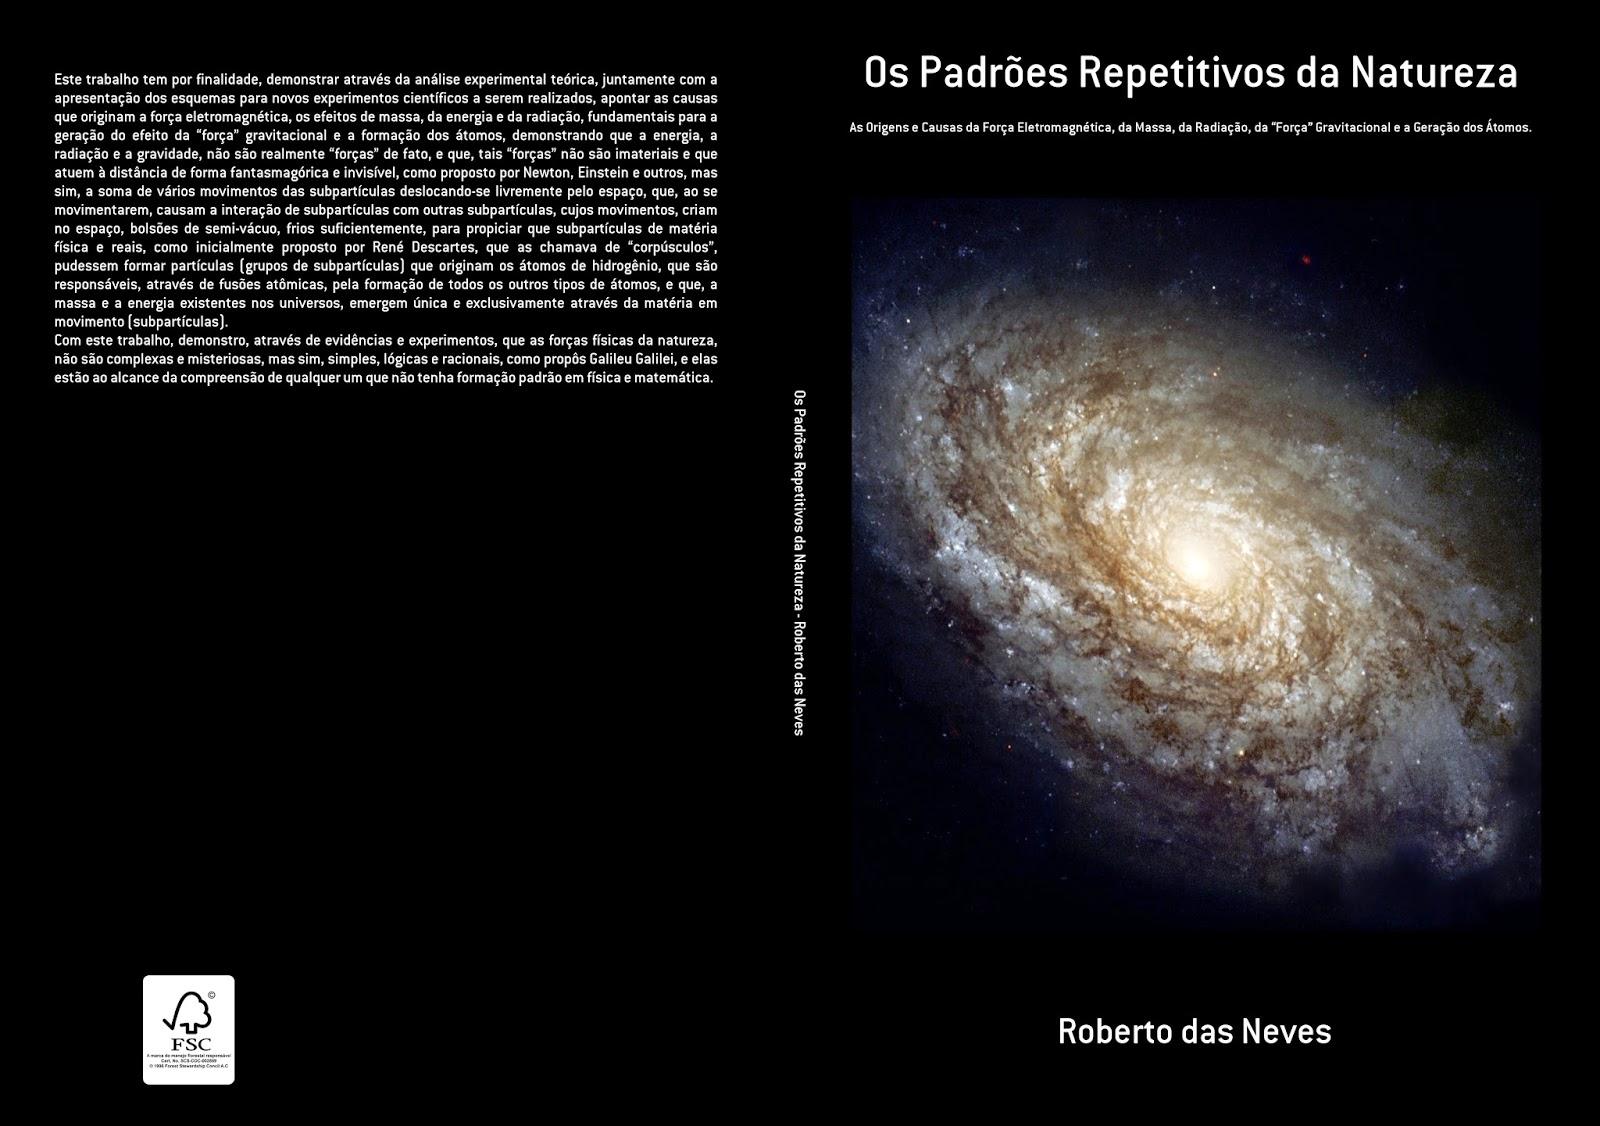 https://www.clubedeautores.com.br/book/171048--Os_Padroes_Repetitivos_da_Natureza#.VCLvTBb6Xcv